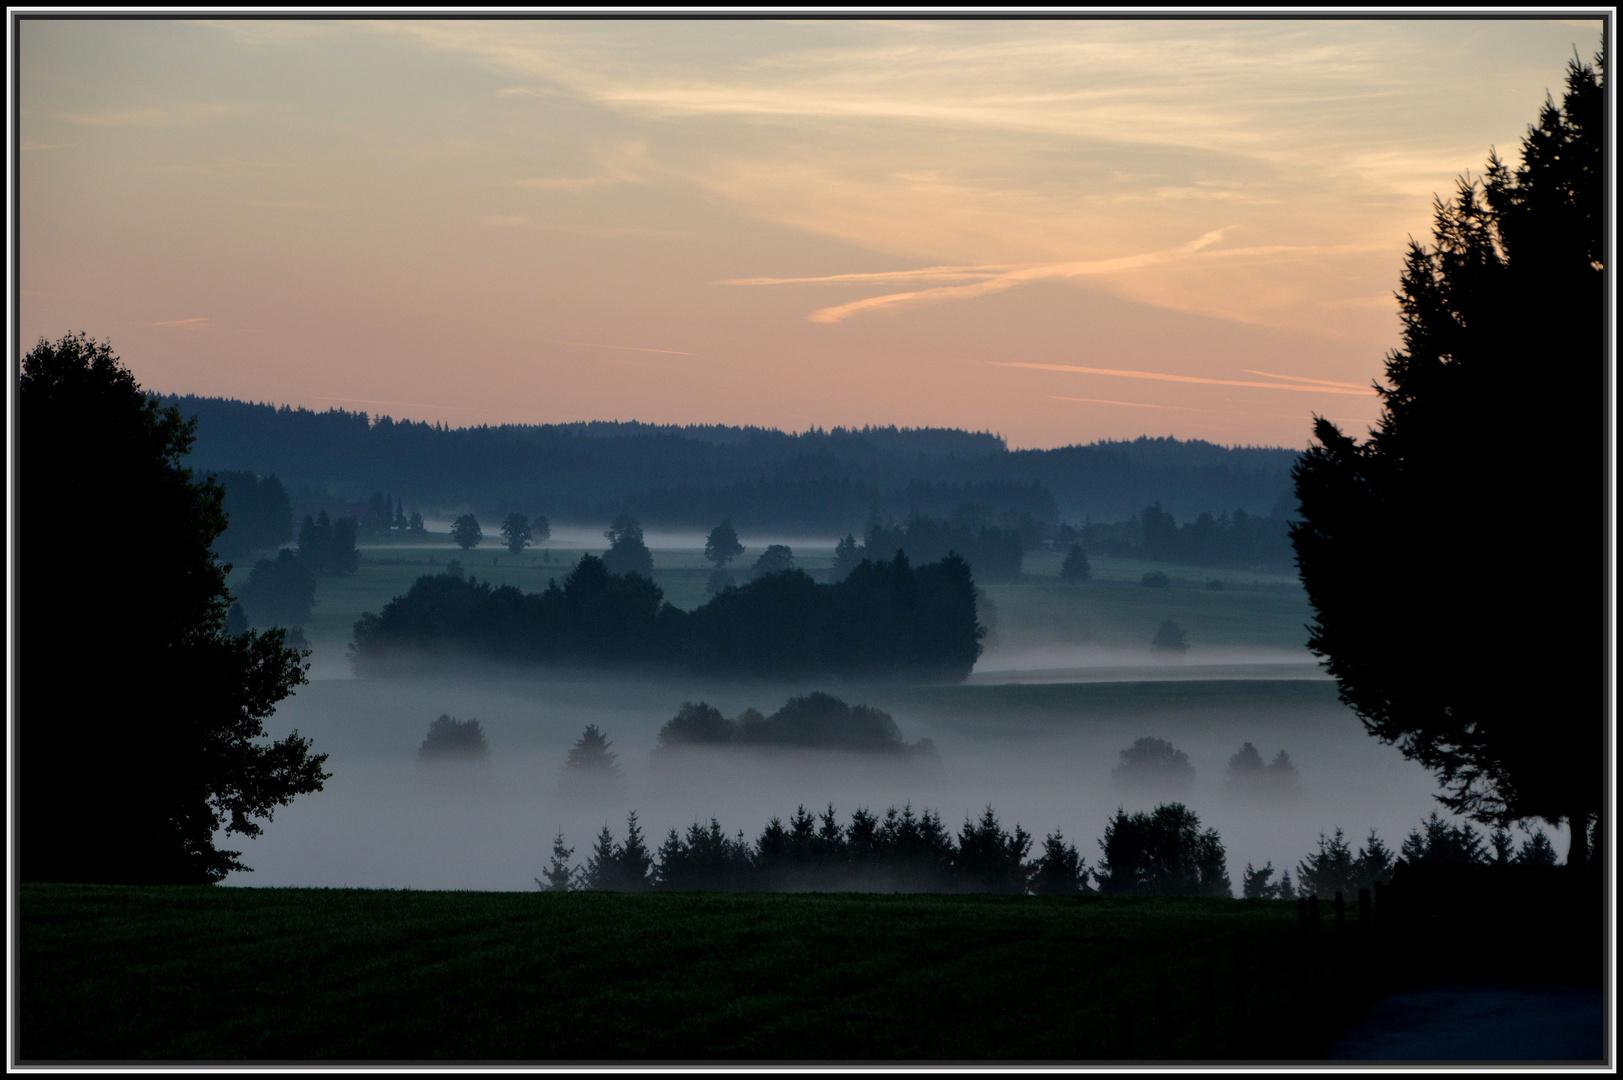 Der Morgennebel modelliert die Landschaft